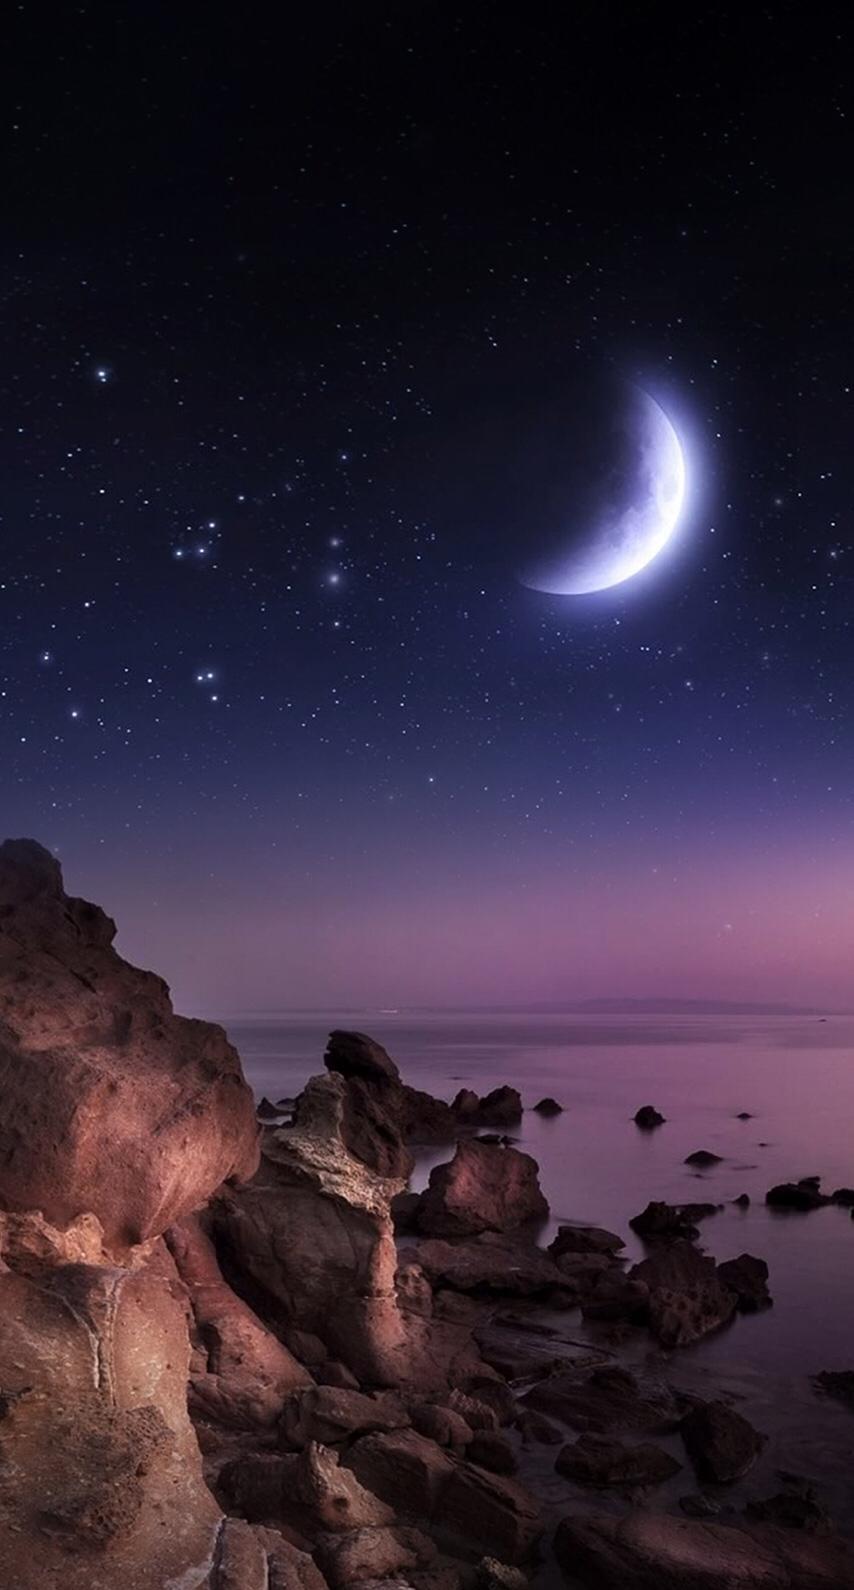 كل شيء في هذه الدنيا إما أن تتركه أو يتركك إلا الله إن أقبلت عليه أغناك وإن تركته ناداك صلاة الفجر أحبتنا Good Night Moon Beautiful Moon Pictures